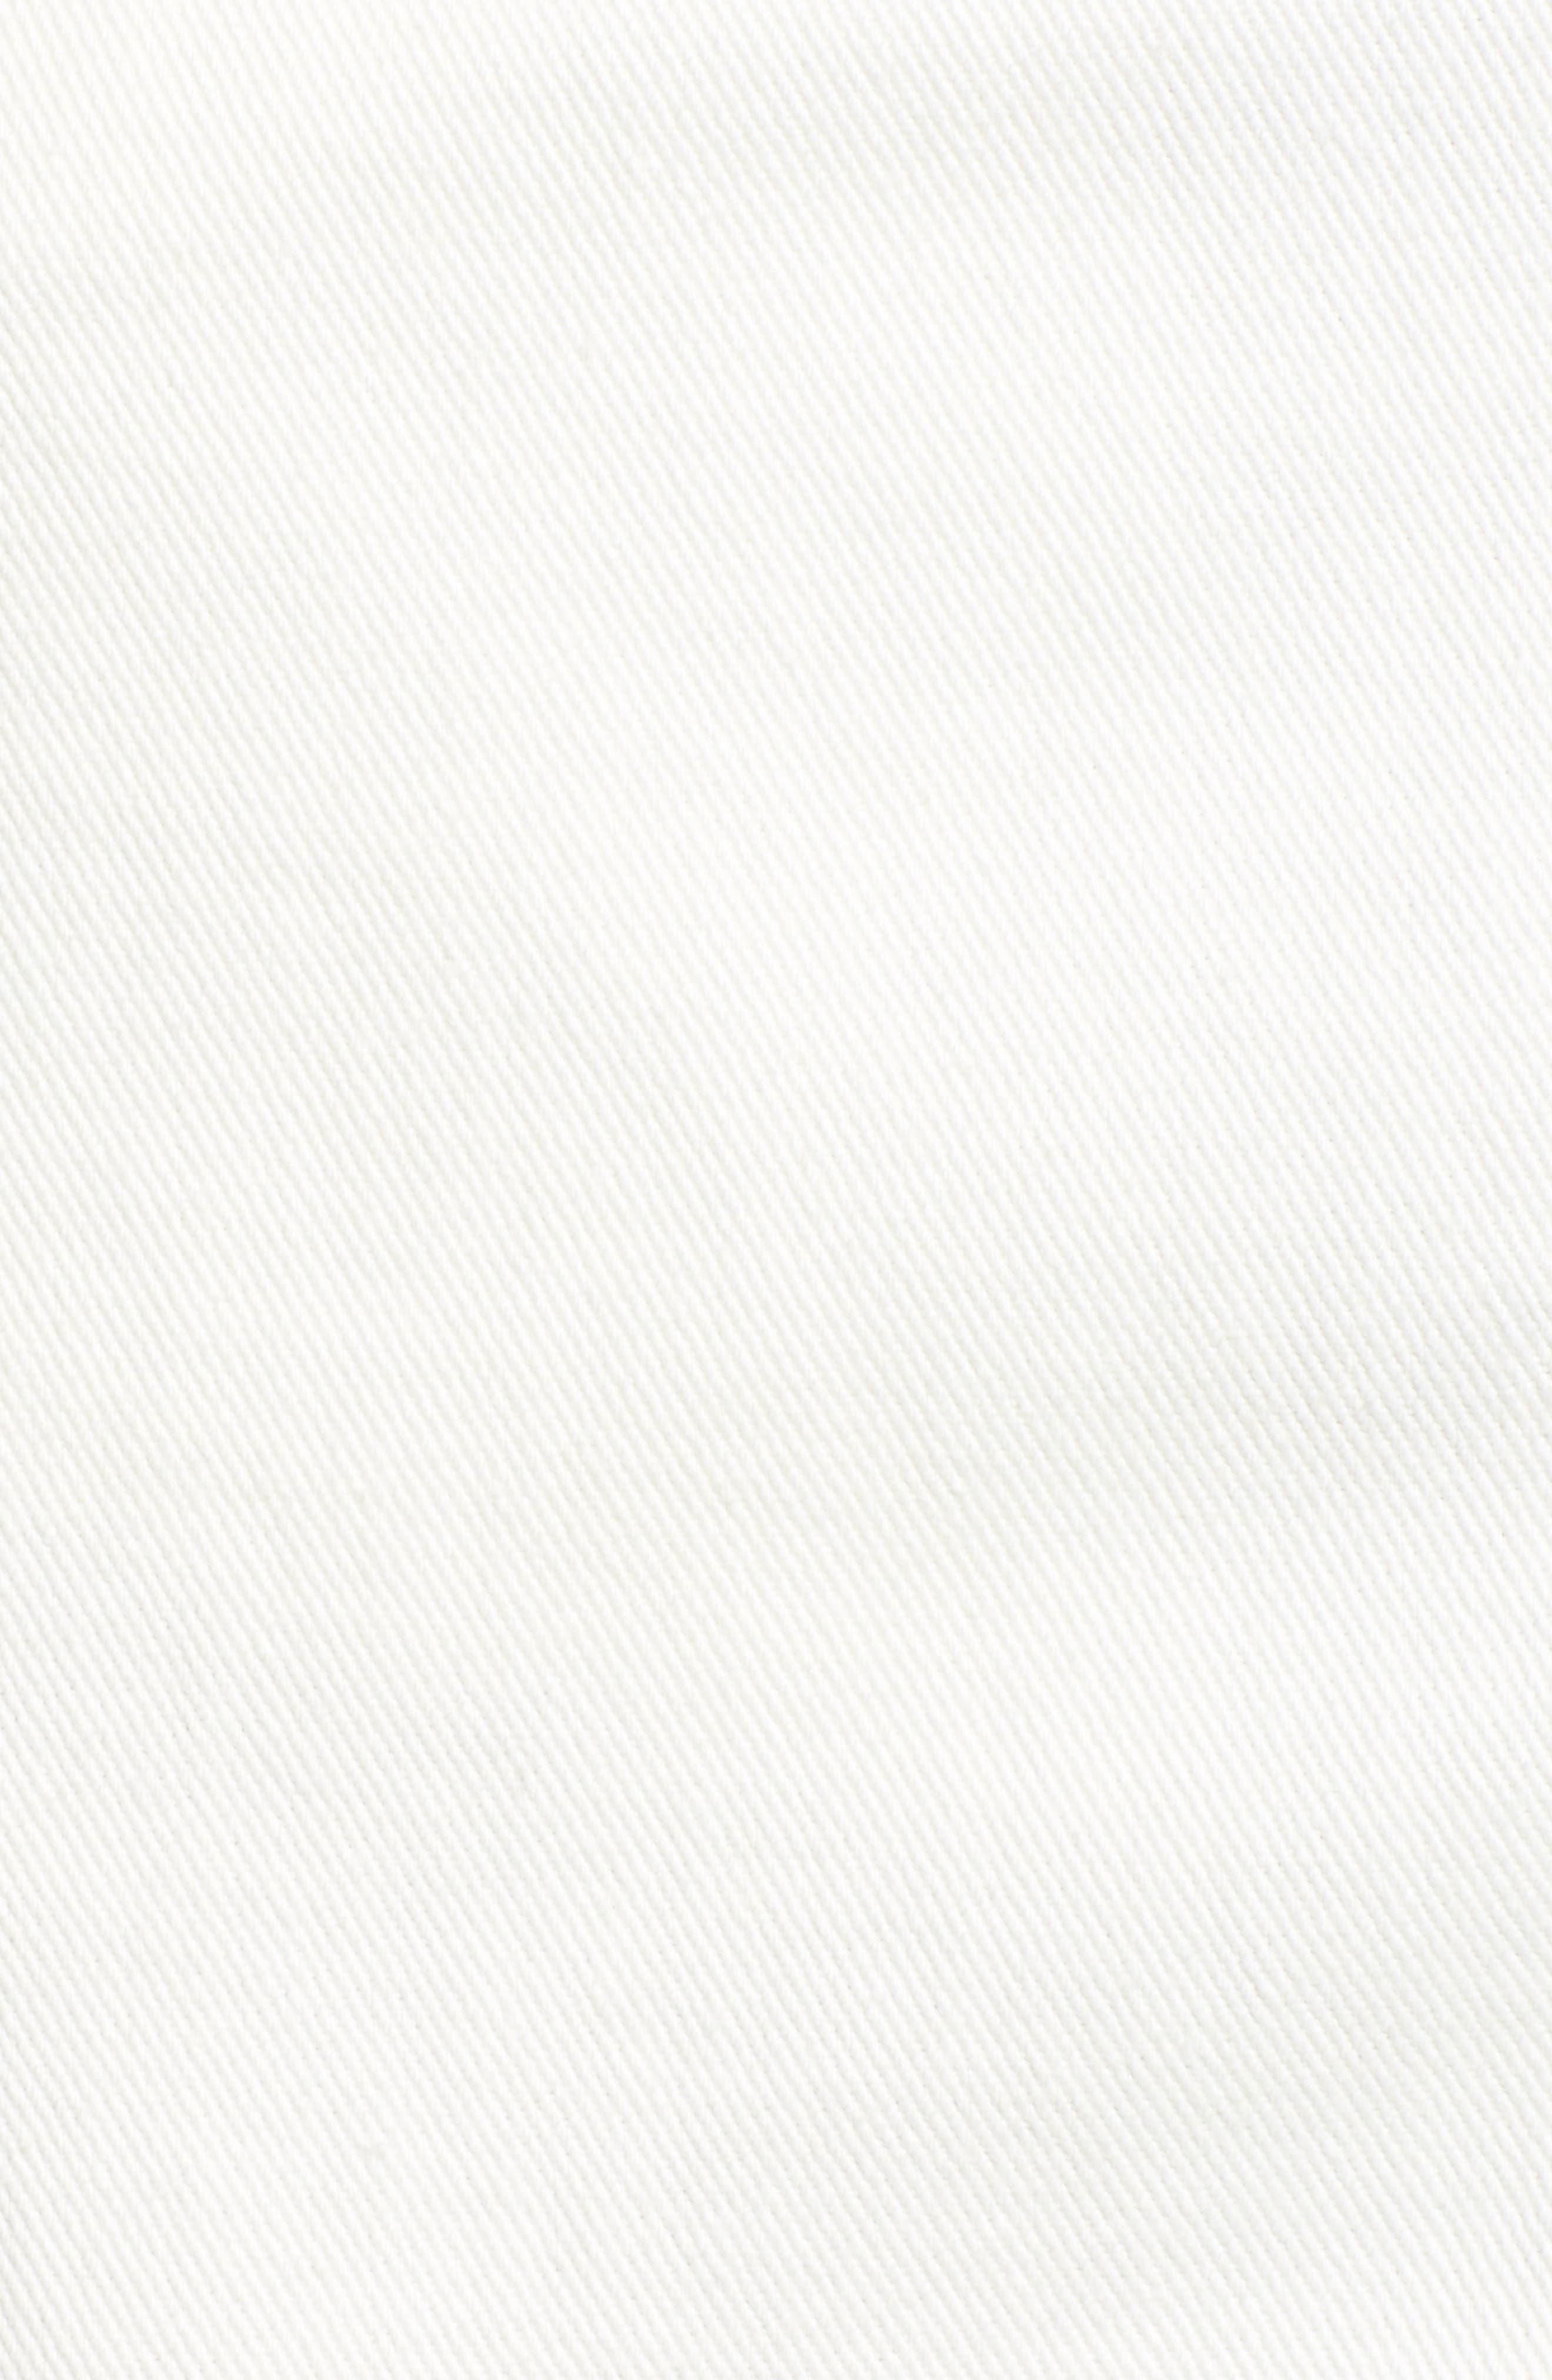 Shimmering Bays Ripped Denim Skirt,                             Alternate thumbnail 6, color,                             White